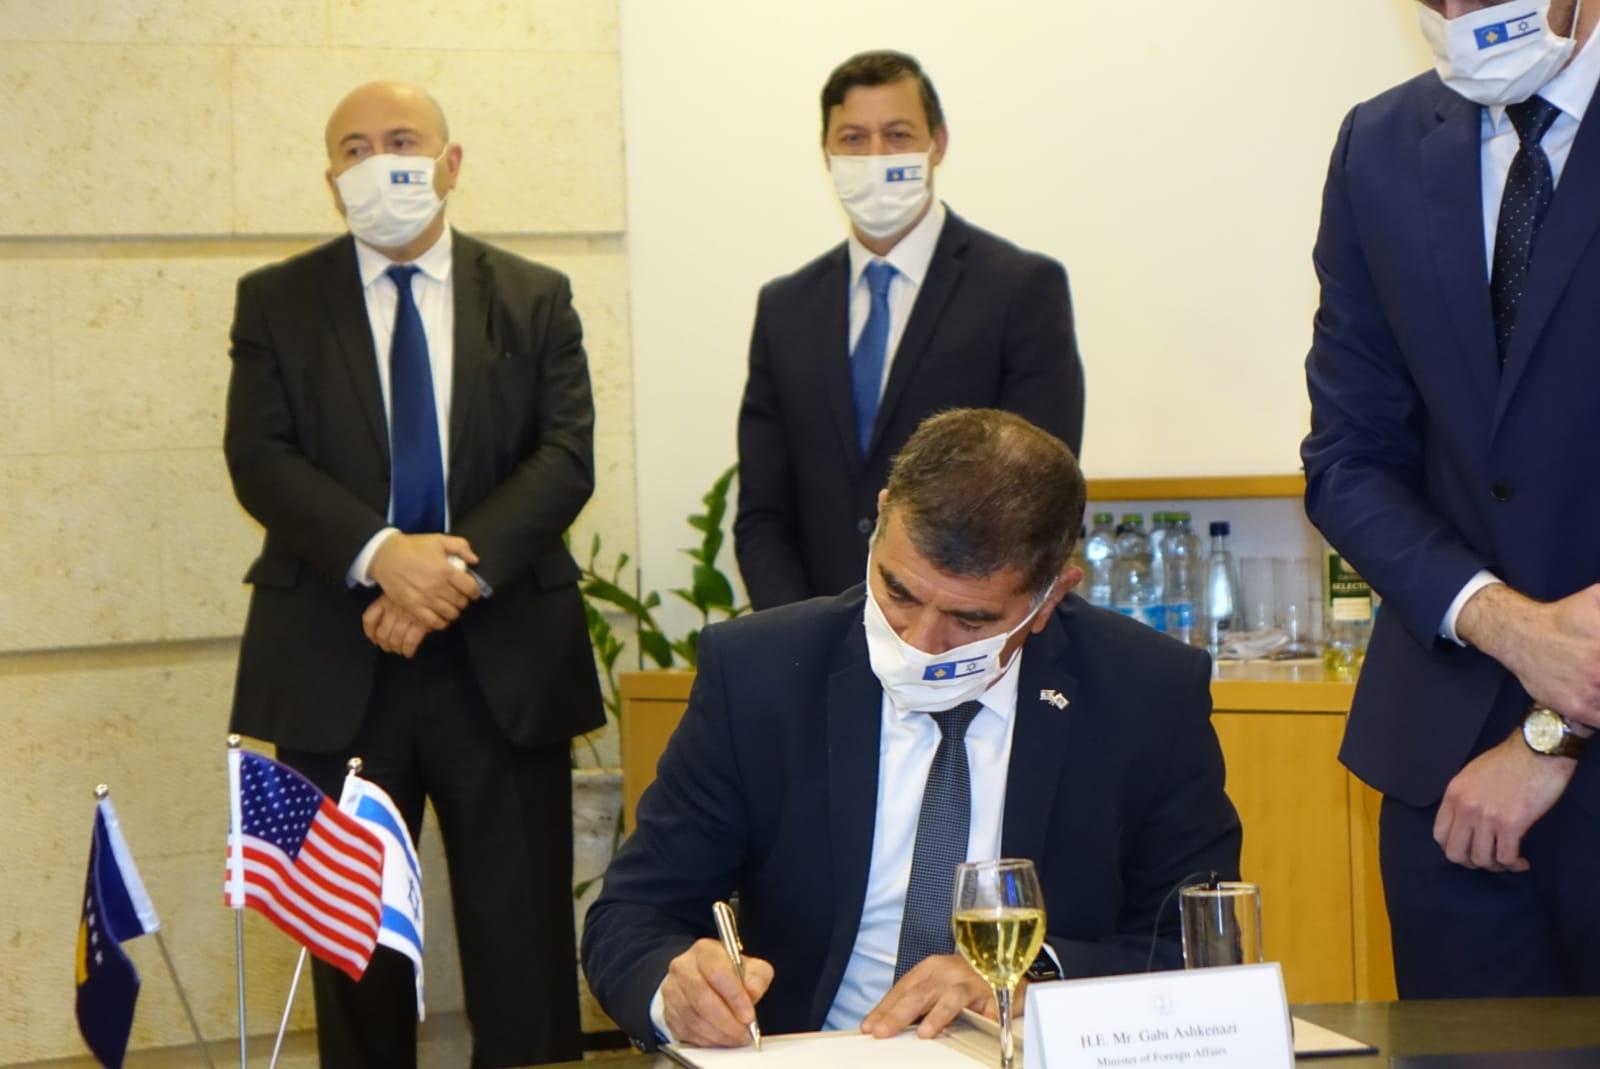 שר החוץ גבי אשכנזי בטקס החתימה על כינון היחסים הדיפלומטיים עם קוסובו / צילום: משרד החוץ